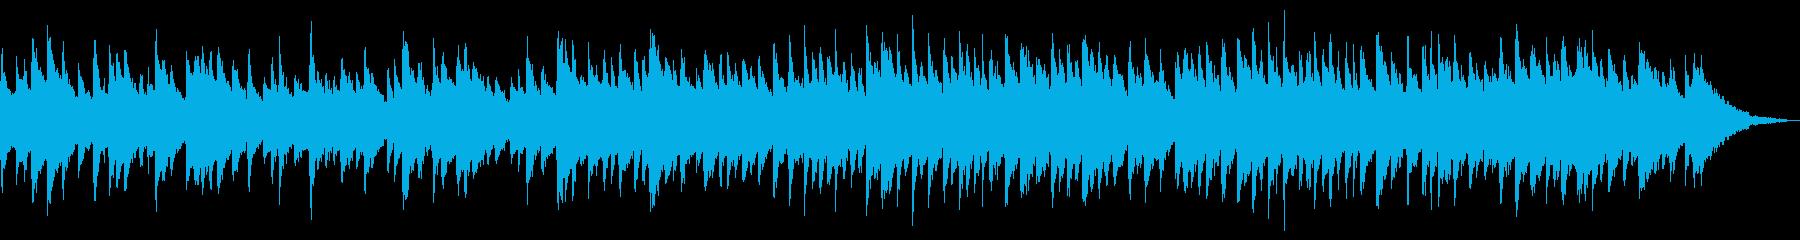 寂し気なバロック風の2声チェンバロの再生済みの波形